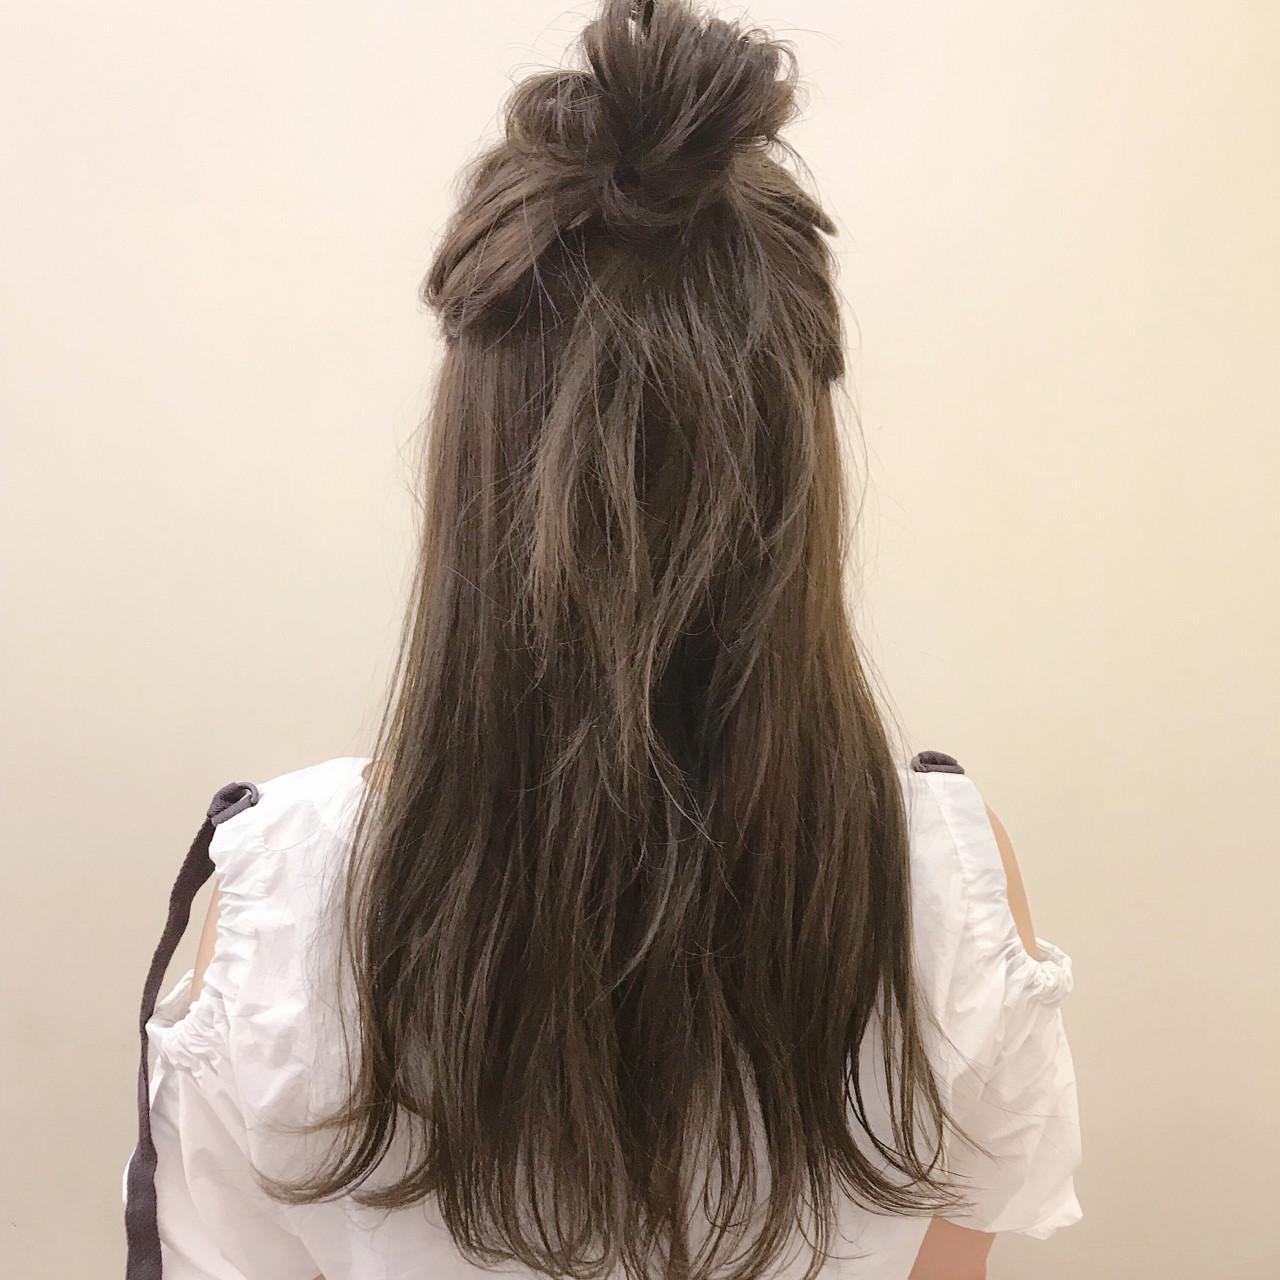 夏 ナチュラル ハイライト ロング ヘアスタイルや髪型の写真・画像 | yumiko/sapporoSKNOW / SKNOW